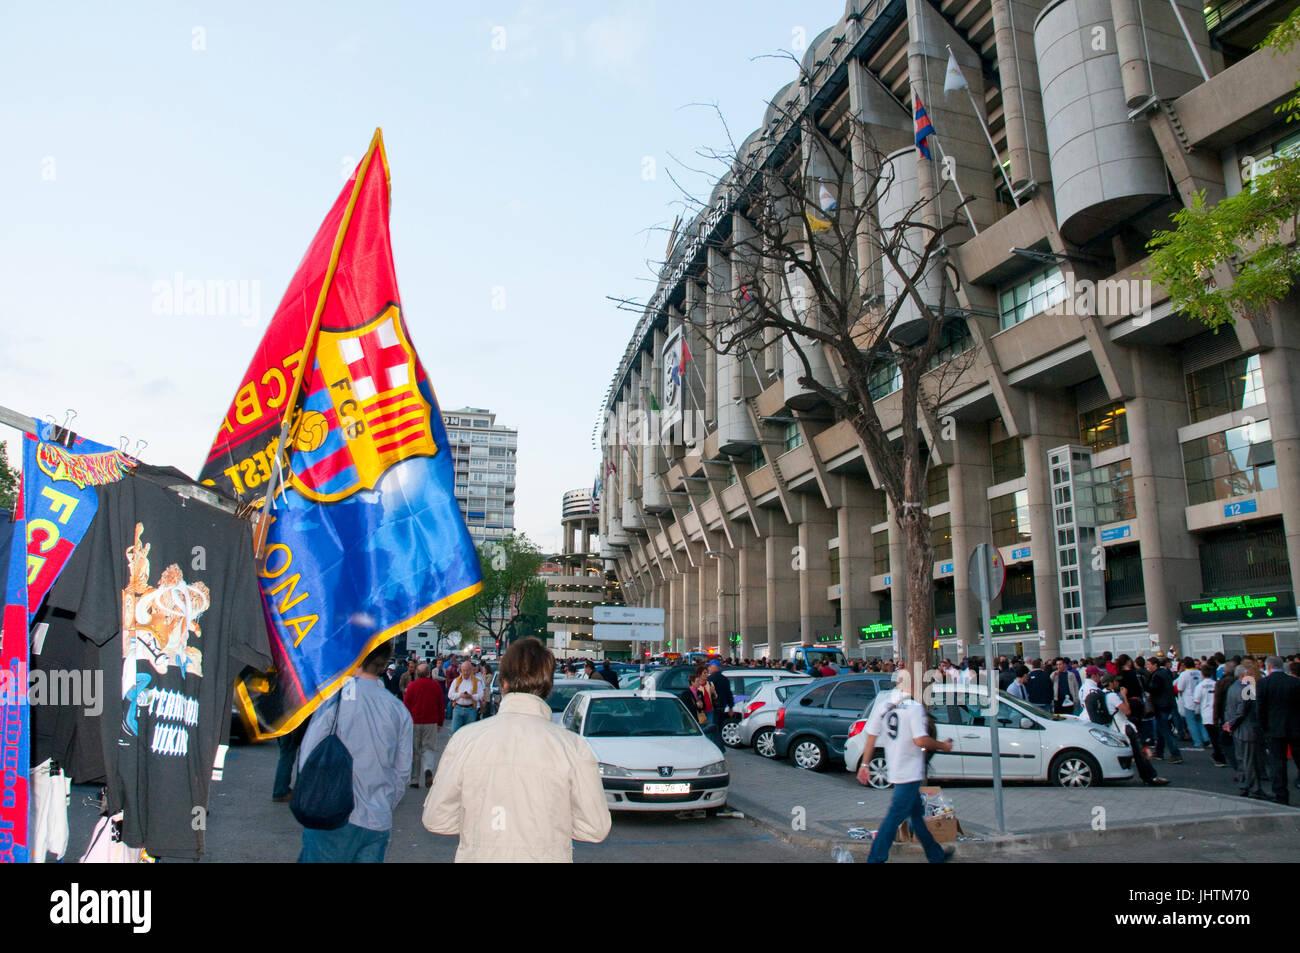 Atmósfera antes del partido de fútbol Real Madrid-Barcelona. Santiago Bernabeu, Madrid, España. Imagen De Stock